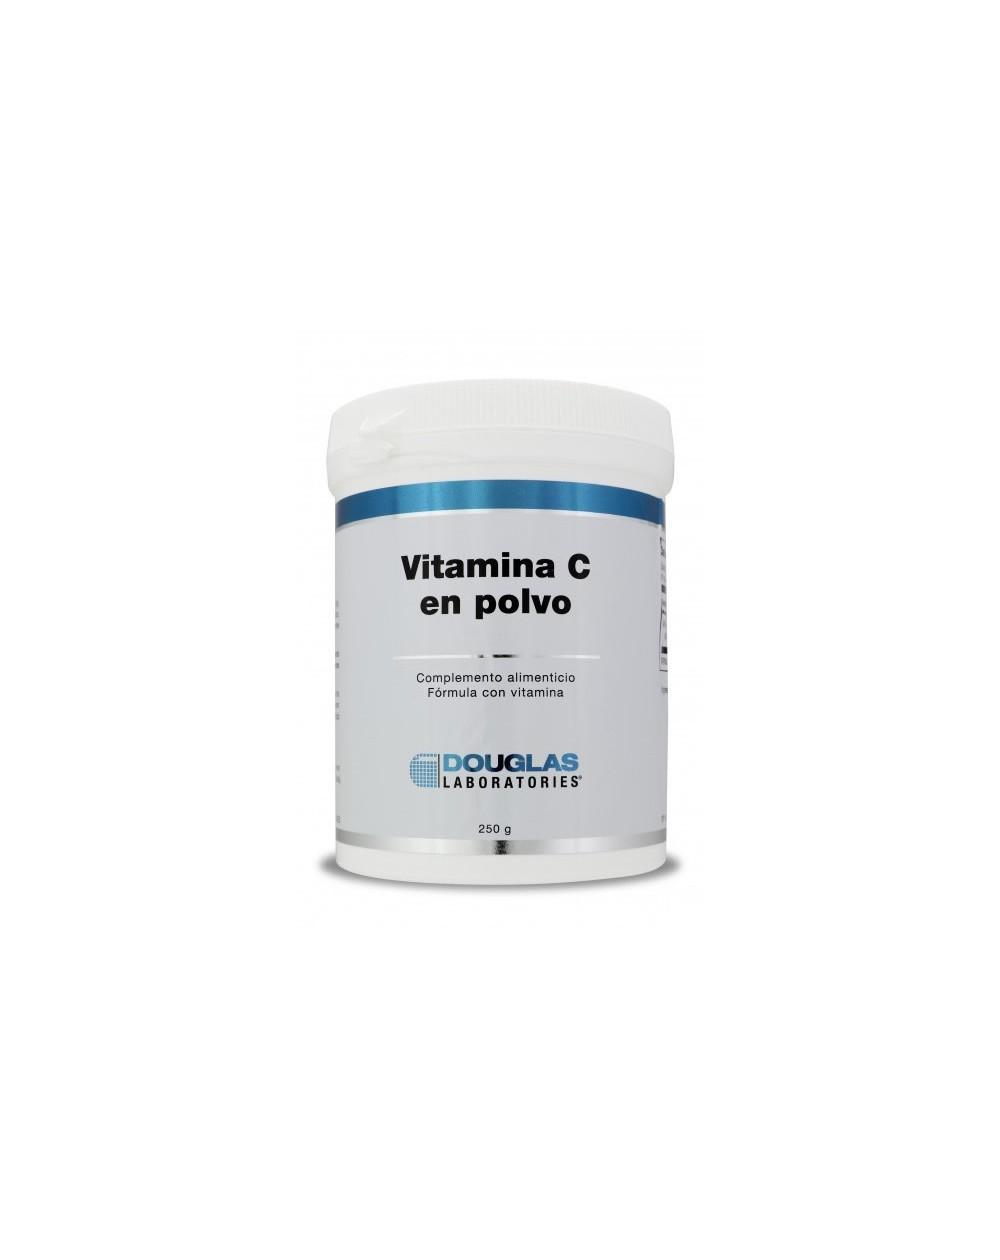 Vitamina C en polvo 250 g